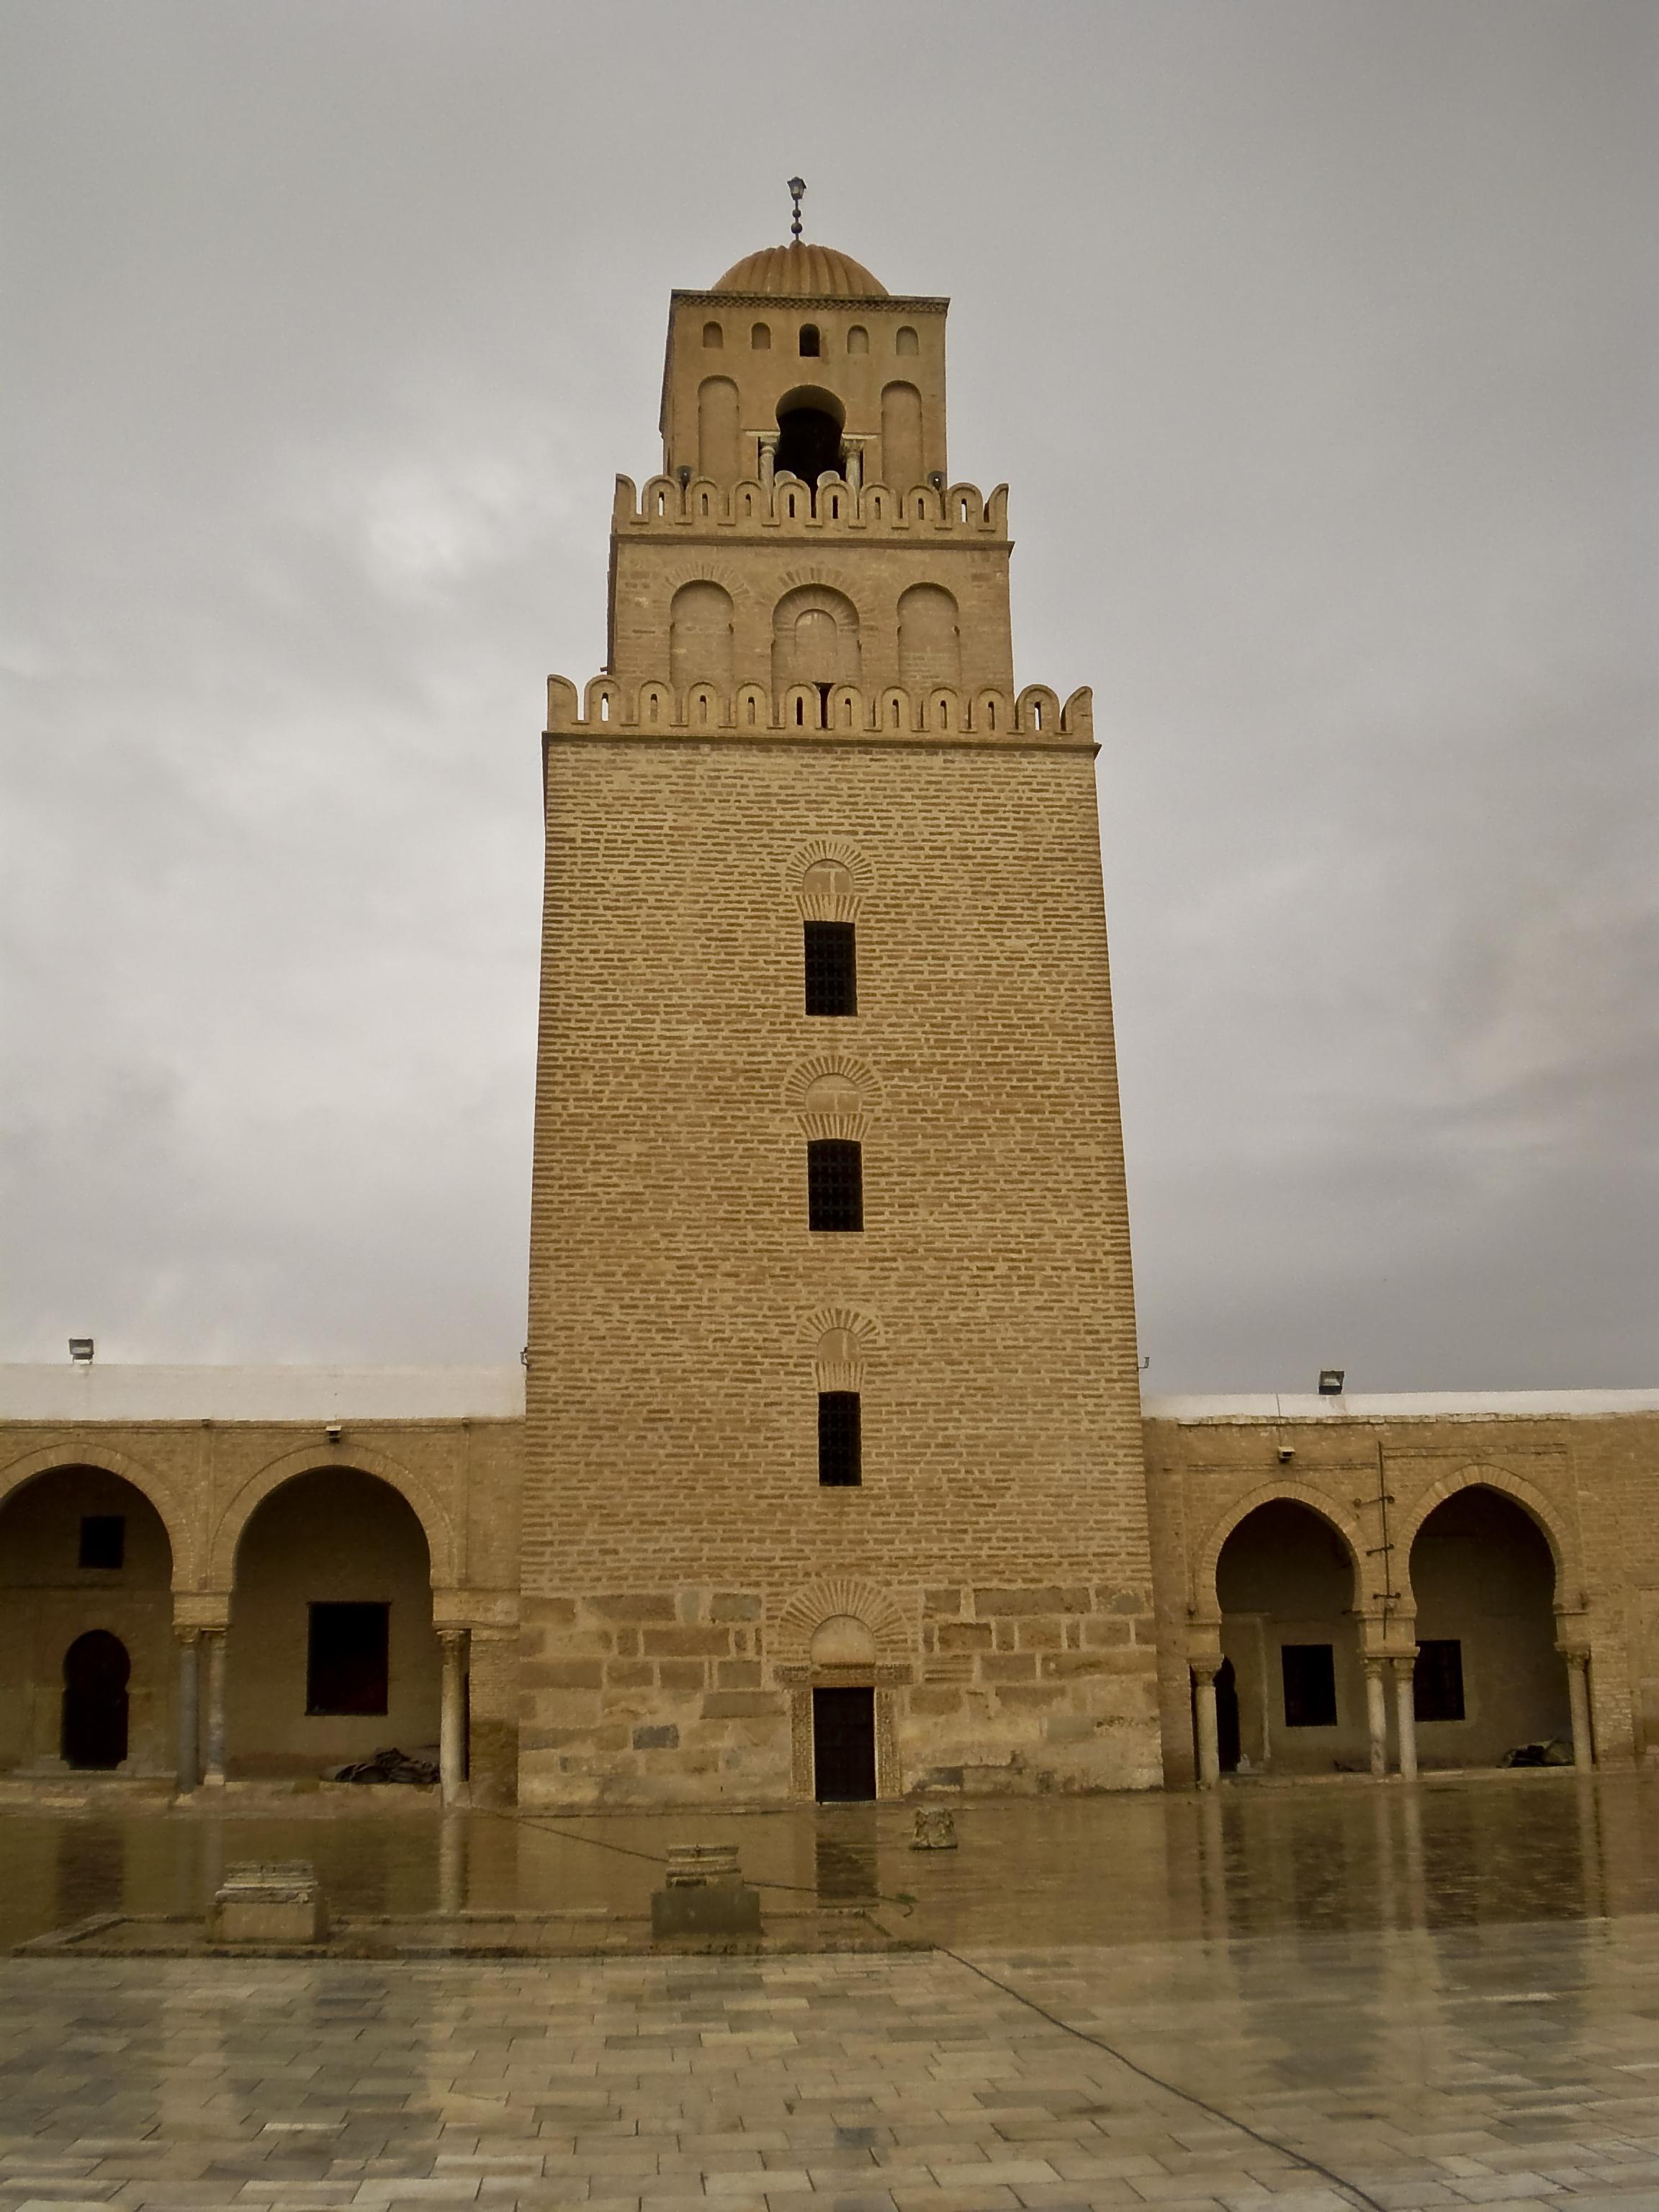 Kairouan Mosque Wiki Kairouan_mosque_sept_2008.jpg